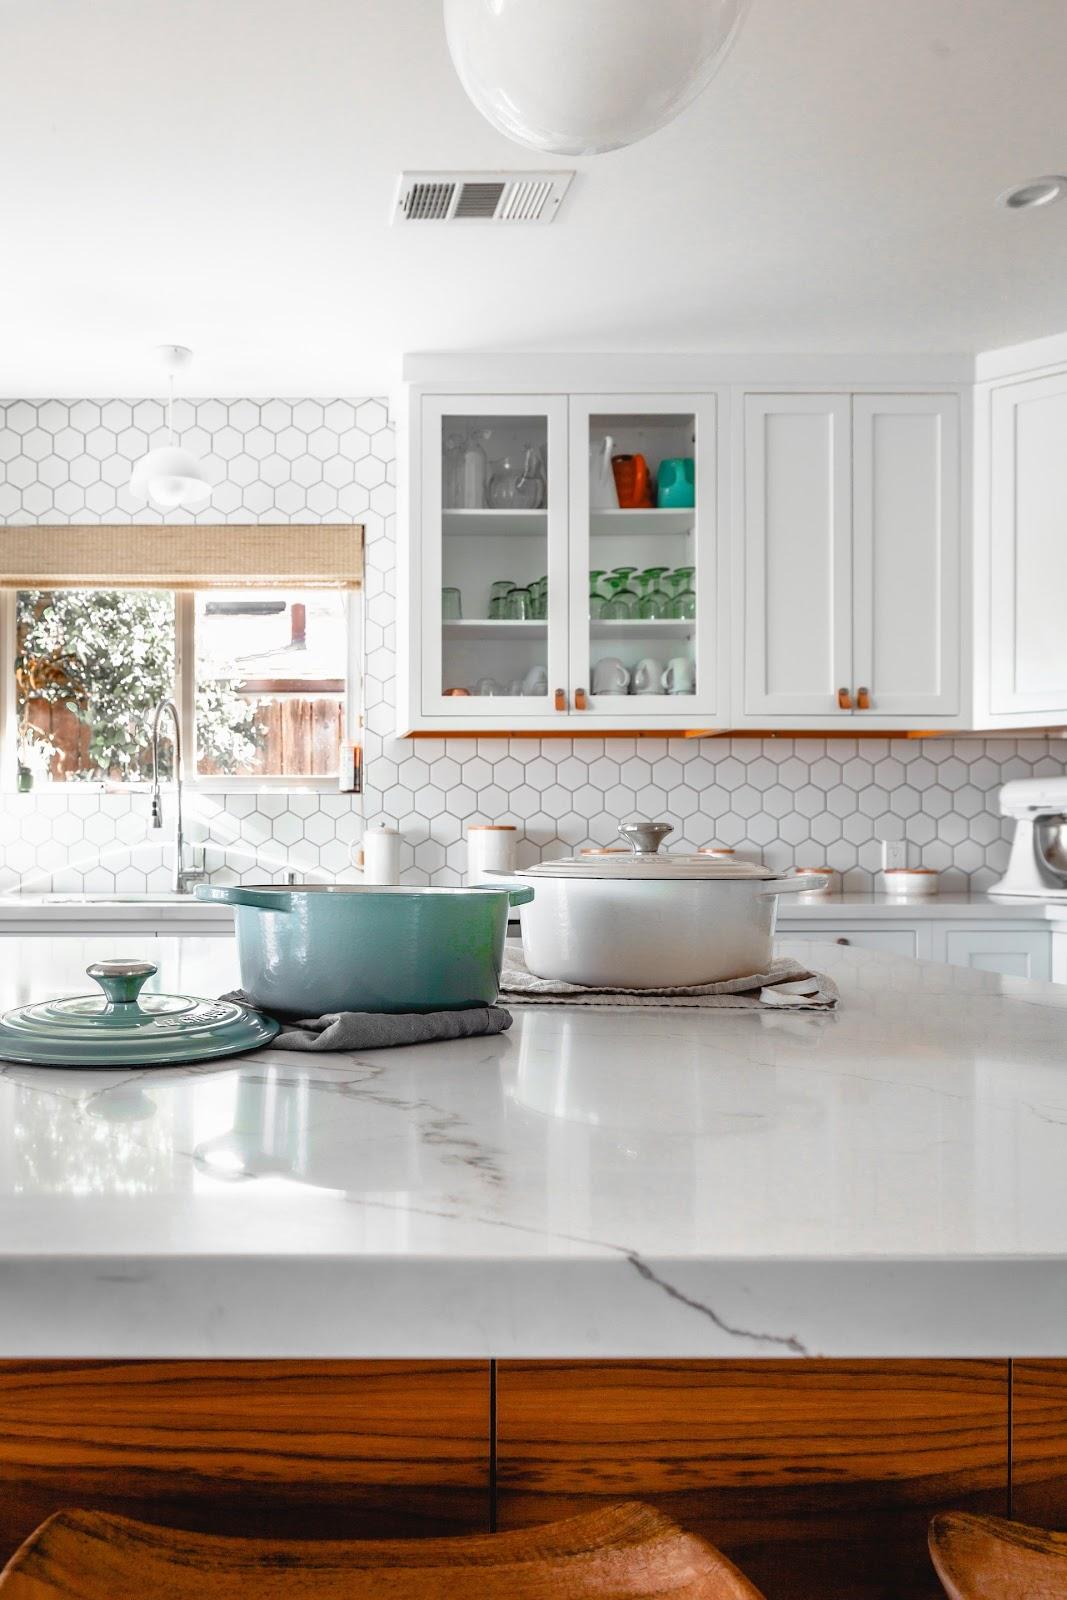 Stylish minimalist kitchen designs; matching geometric backsplash with white marble countertops